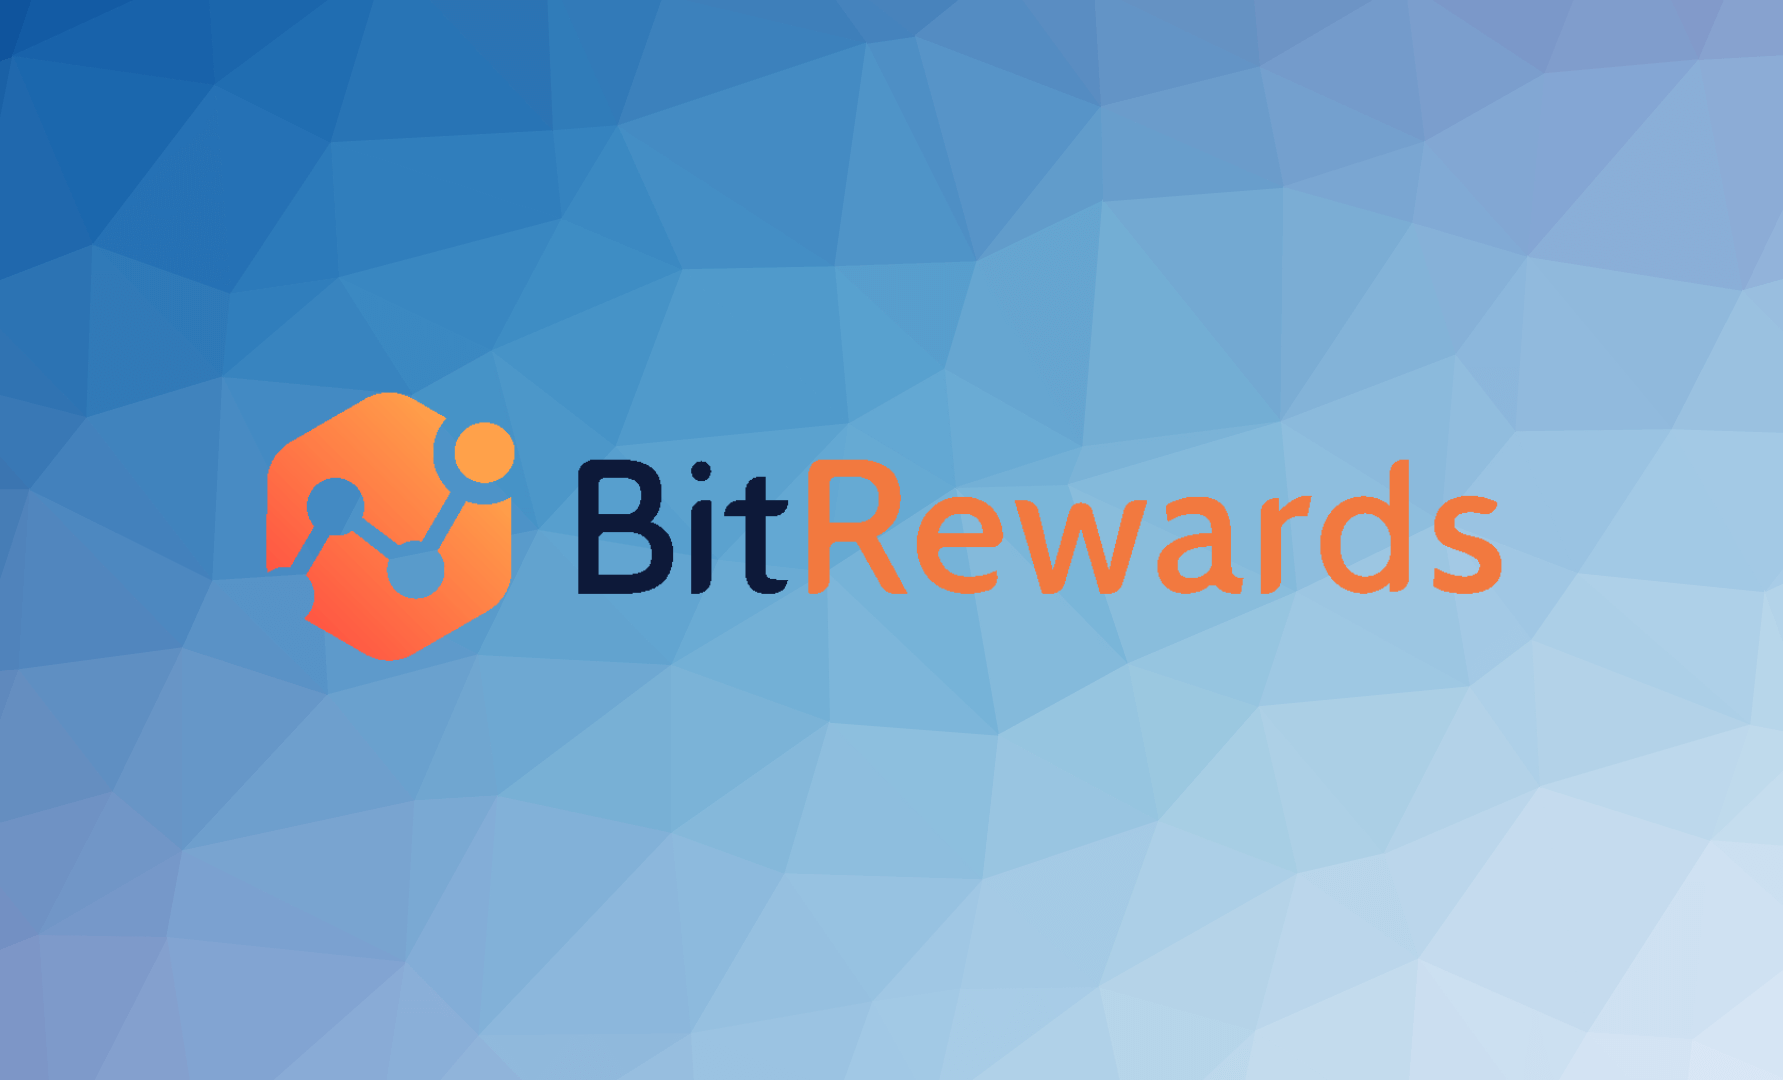 bitrewards-ventas-lealtad-consumidor-bit-ico